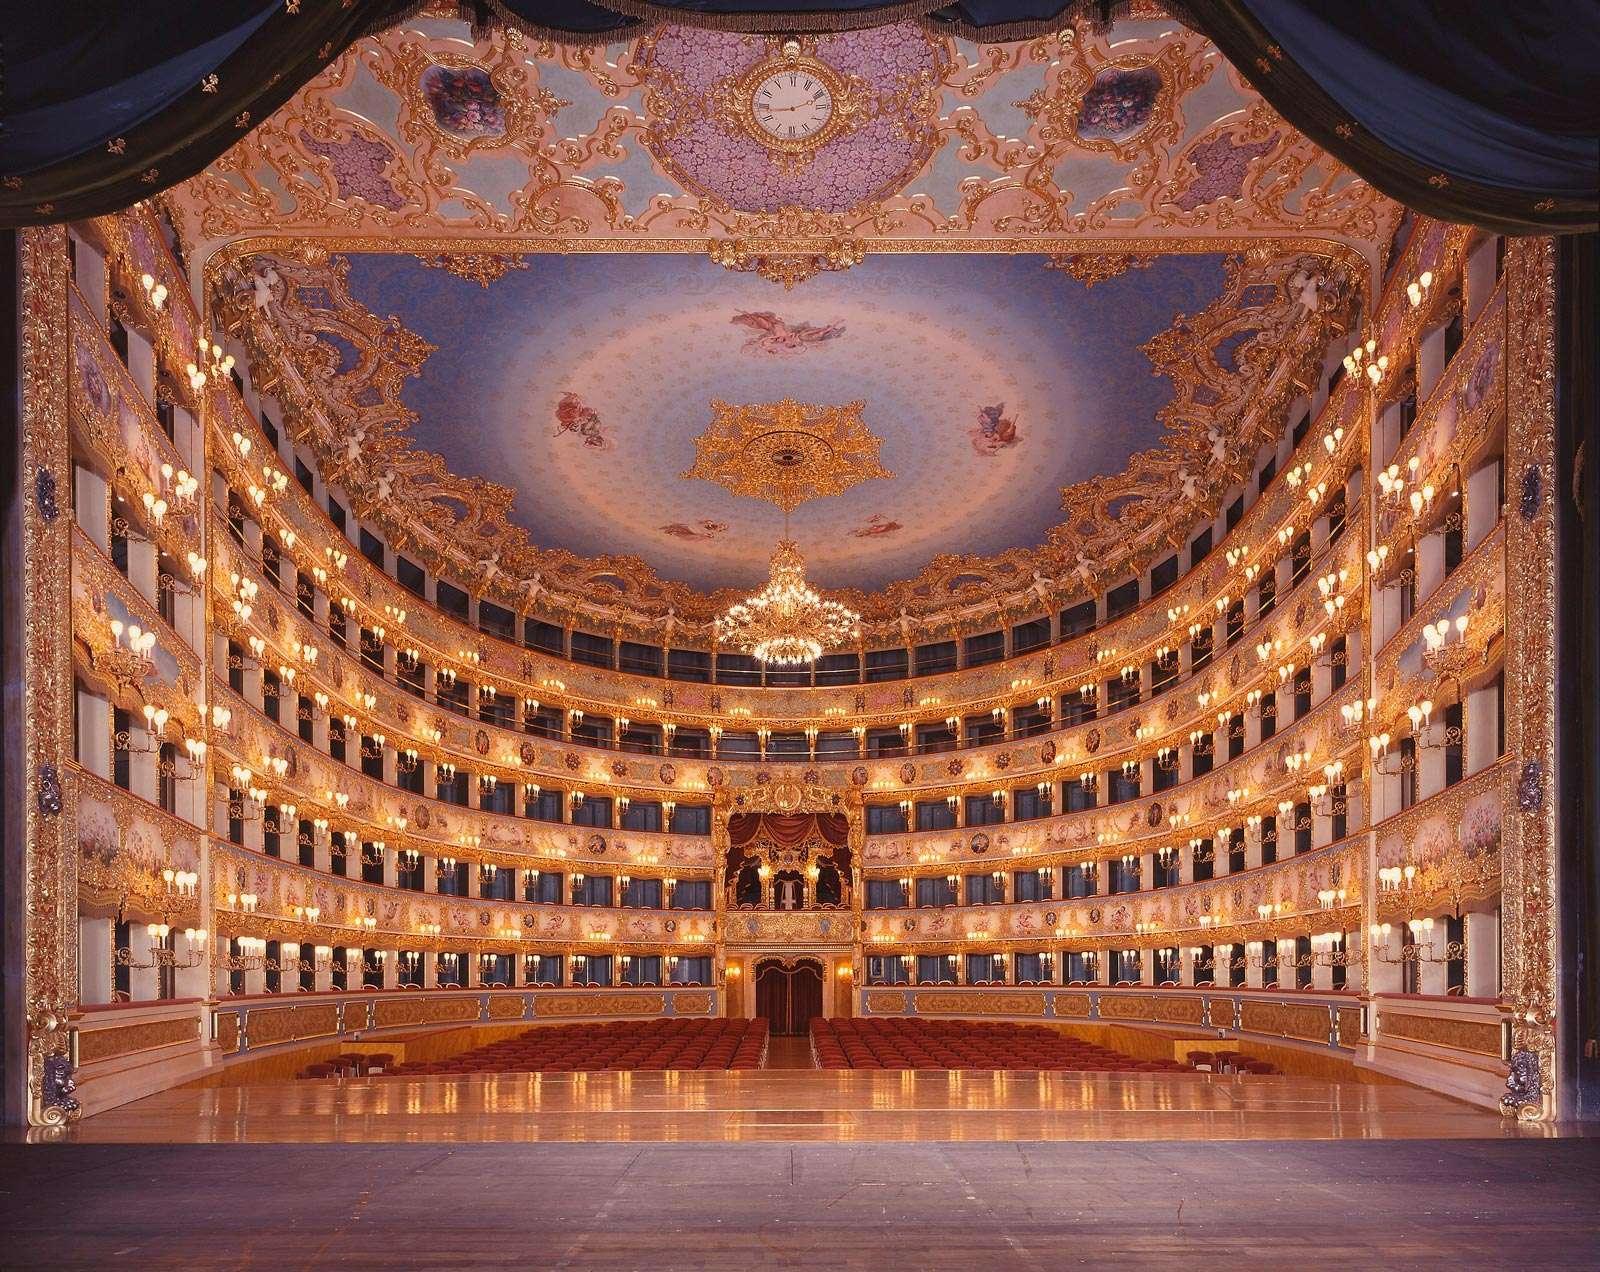 La Fenice di Venezia vista dal palcoscenico